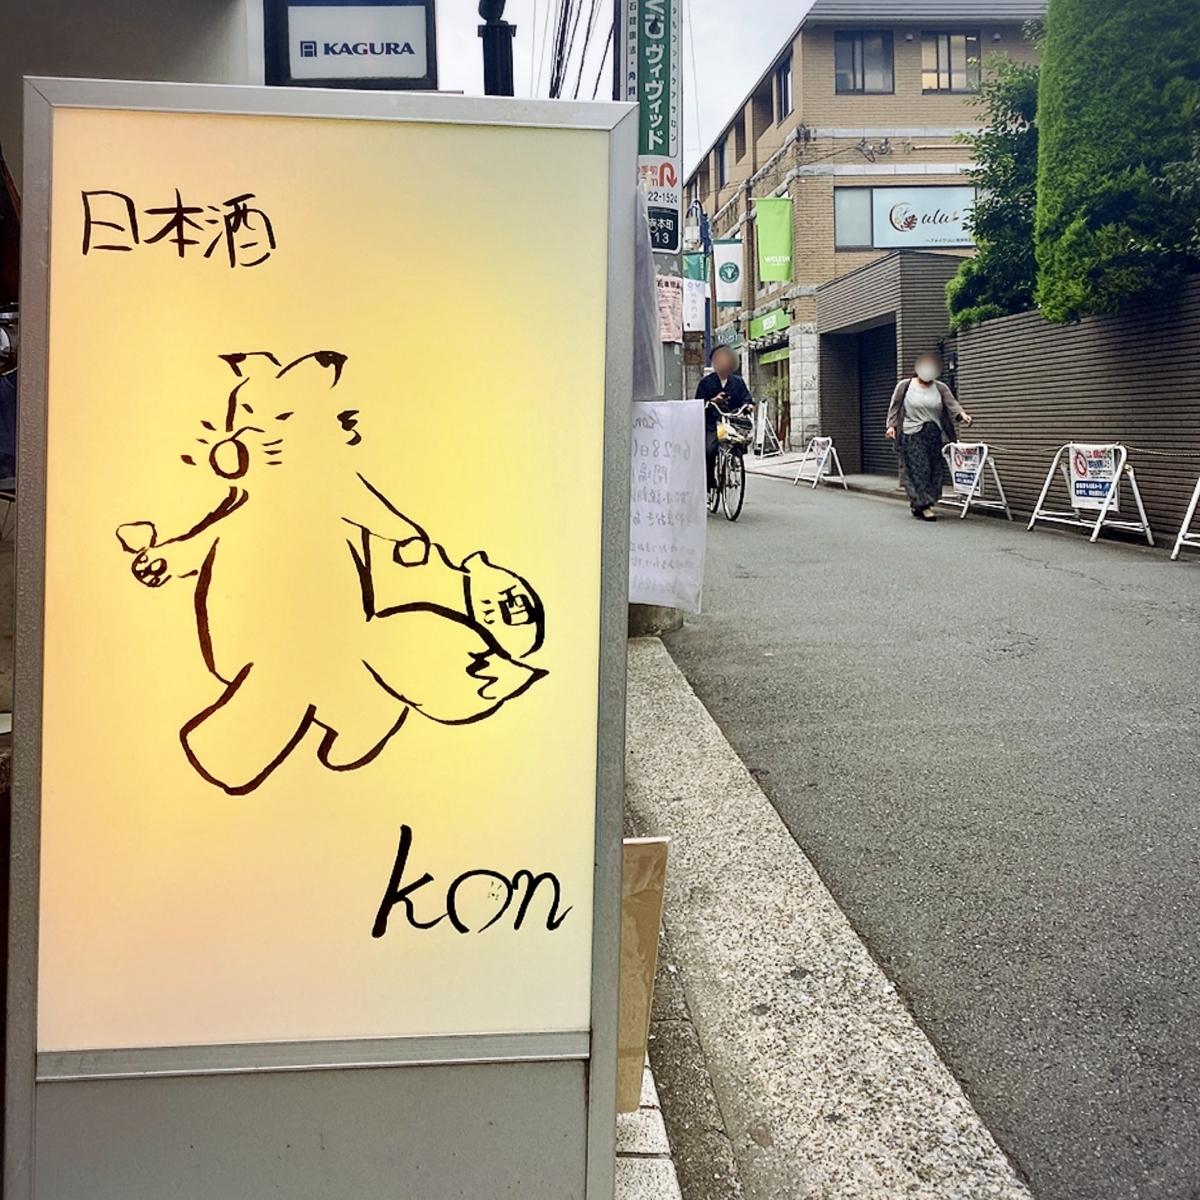 「イザカヤ コン(吉祥寺 kon)」は美味しい日本酒と丁寧に作られた日本料理を堪能できる居酒屋でした